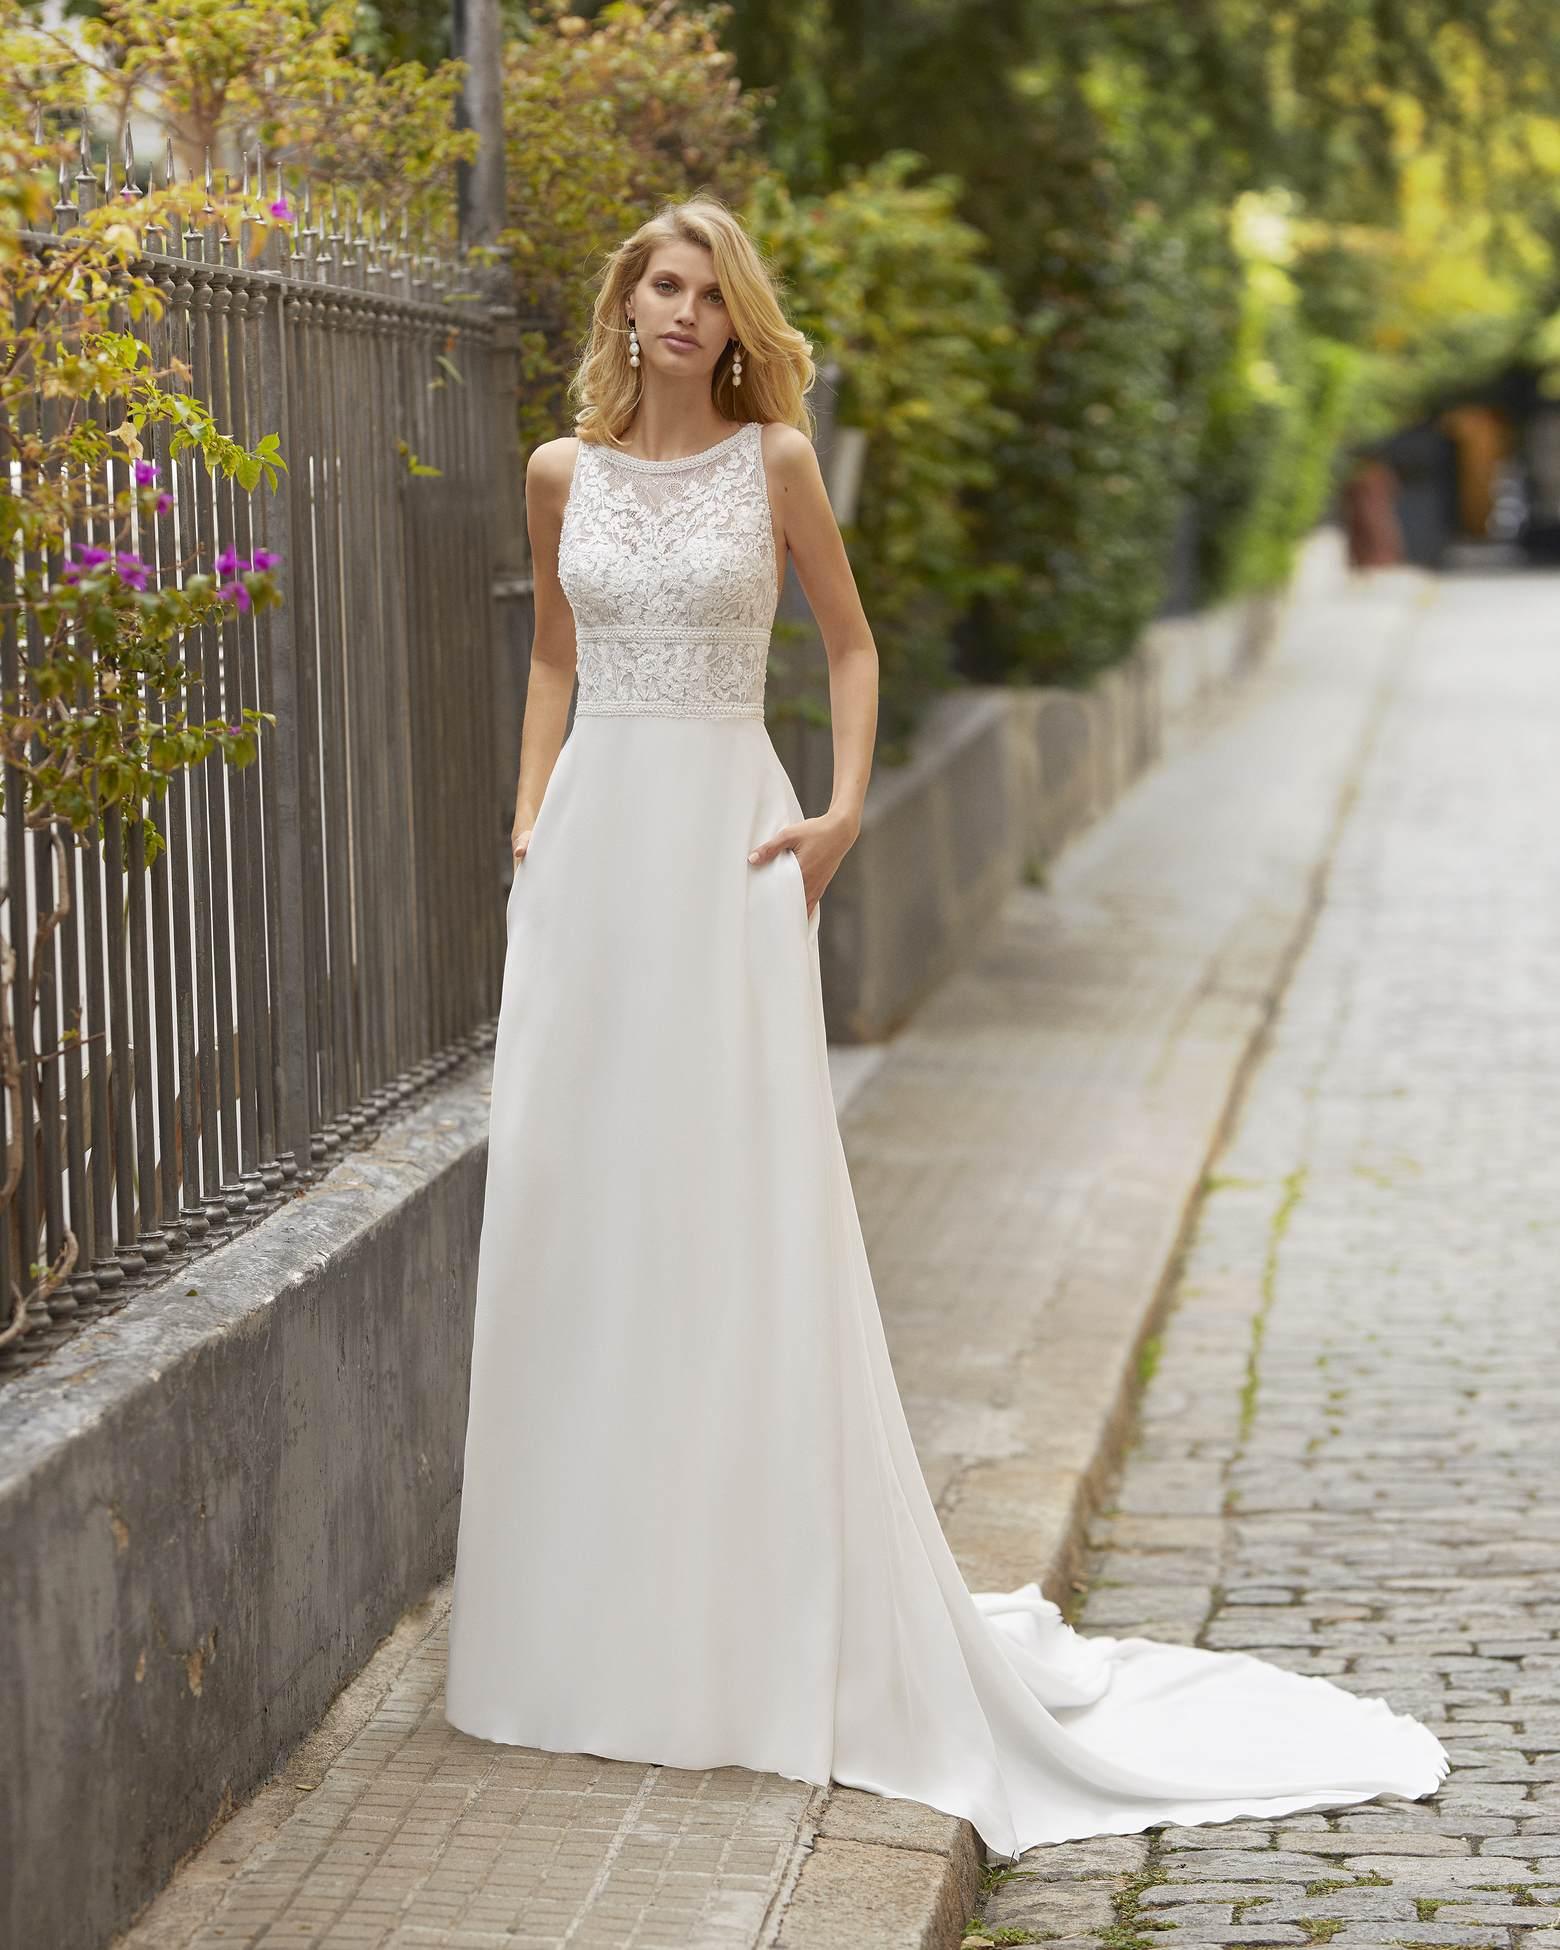 Tanos menyasszonyi ruha - Rosa Clará 2021